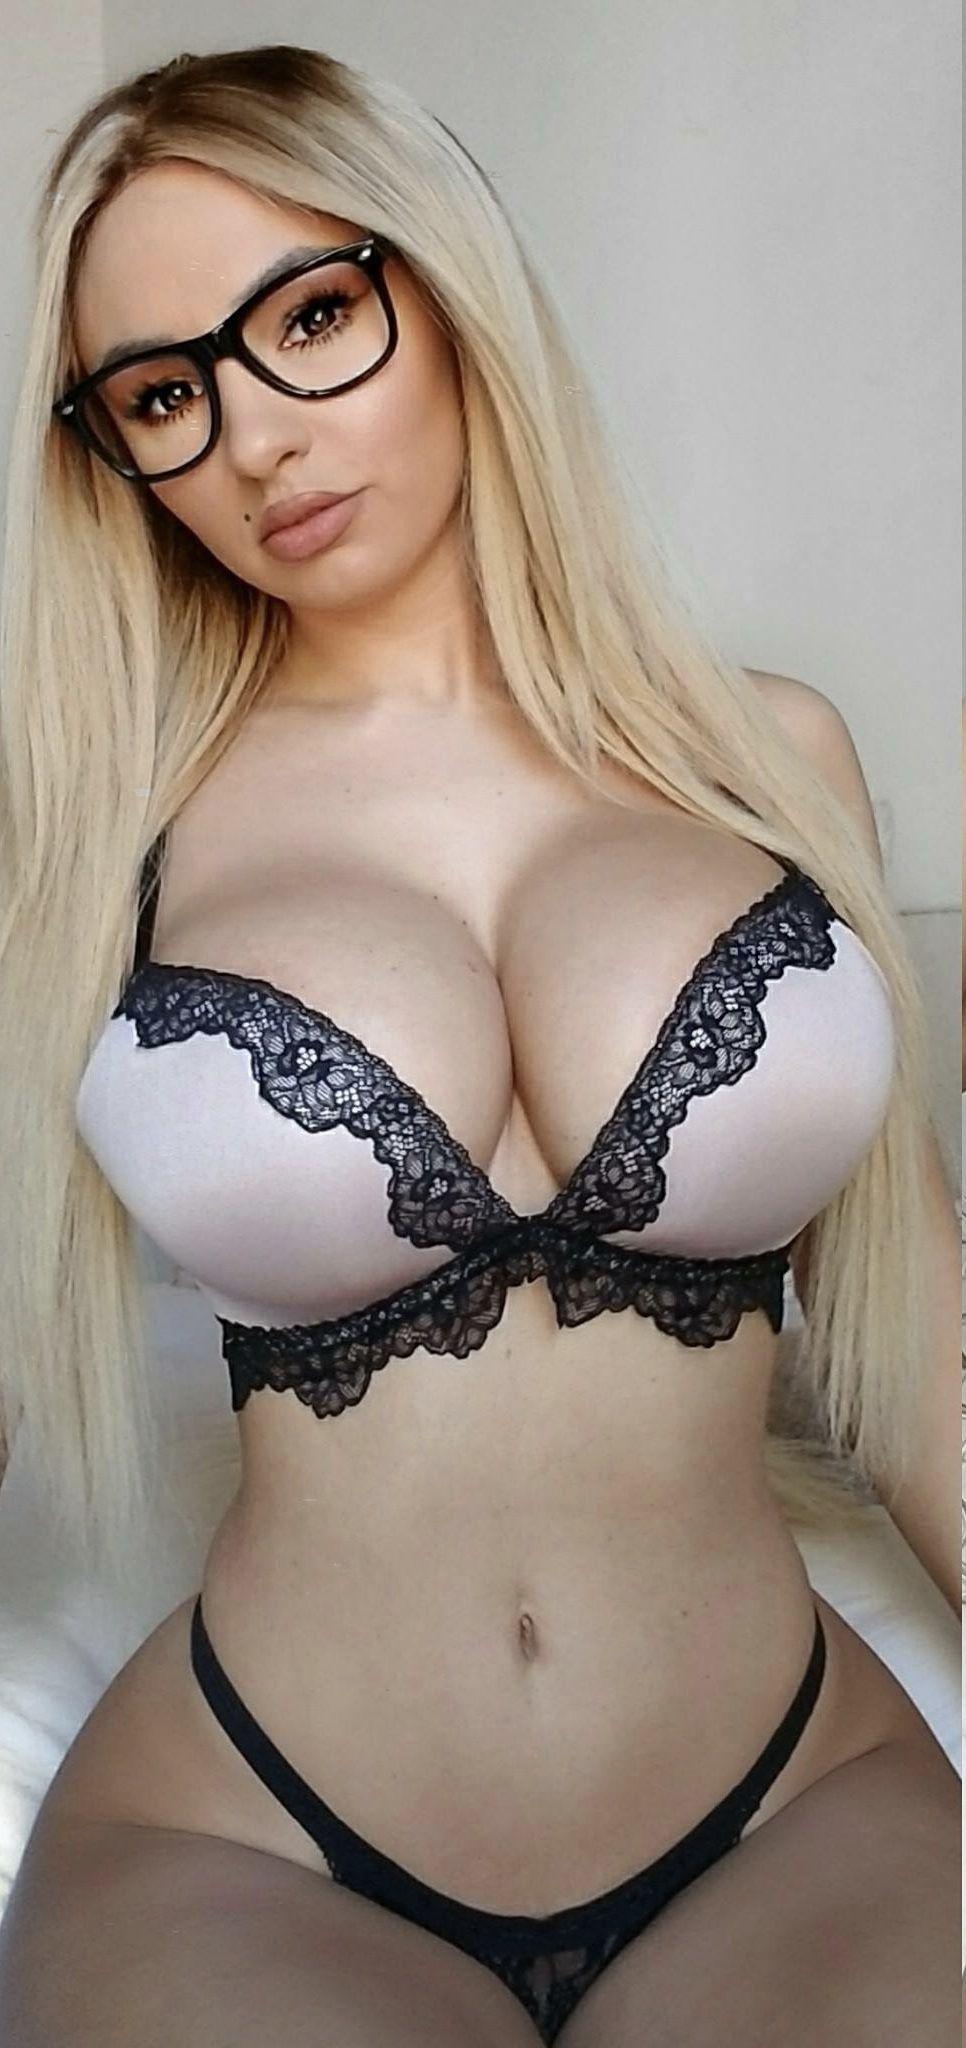 ggw 50 best breasts